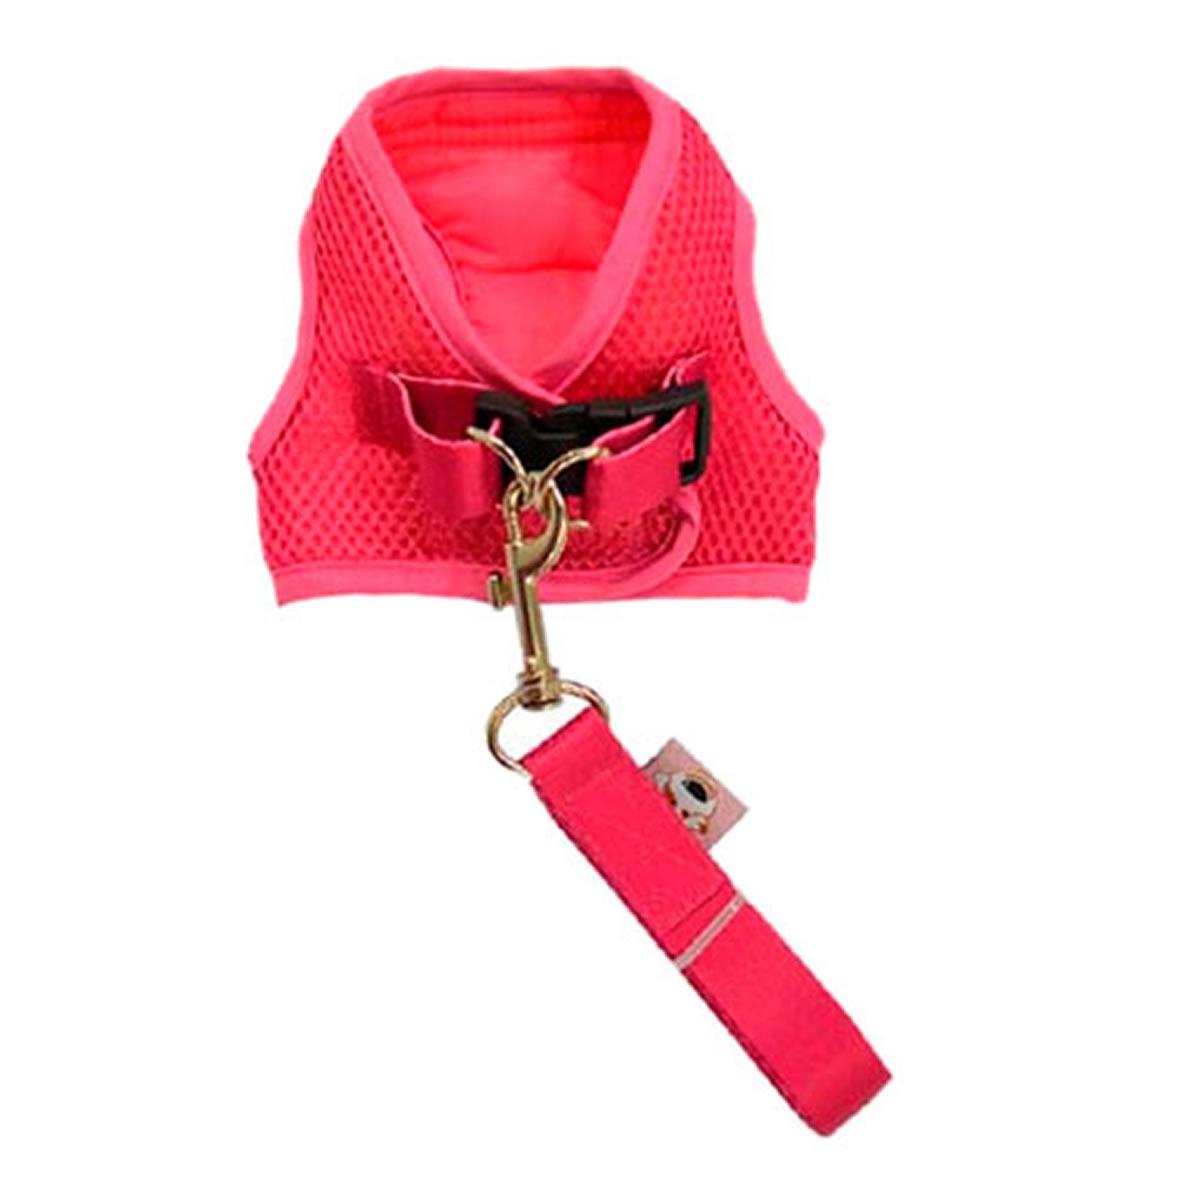 Coleira Peitoral com Guia para Cachorro Tecido Aerado Emporium Distripet Rosa